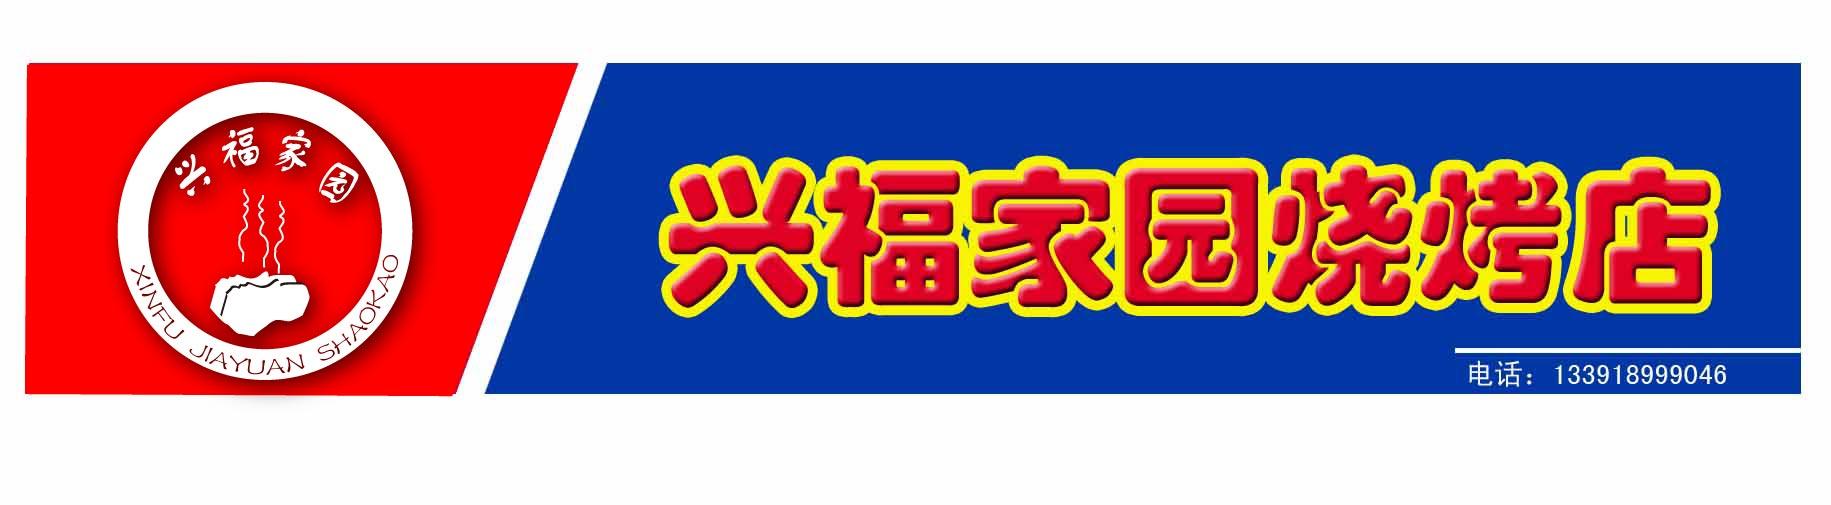 兴富家园烧烤店logo及牌匾设计_1696977_k68威客网